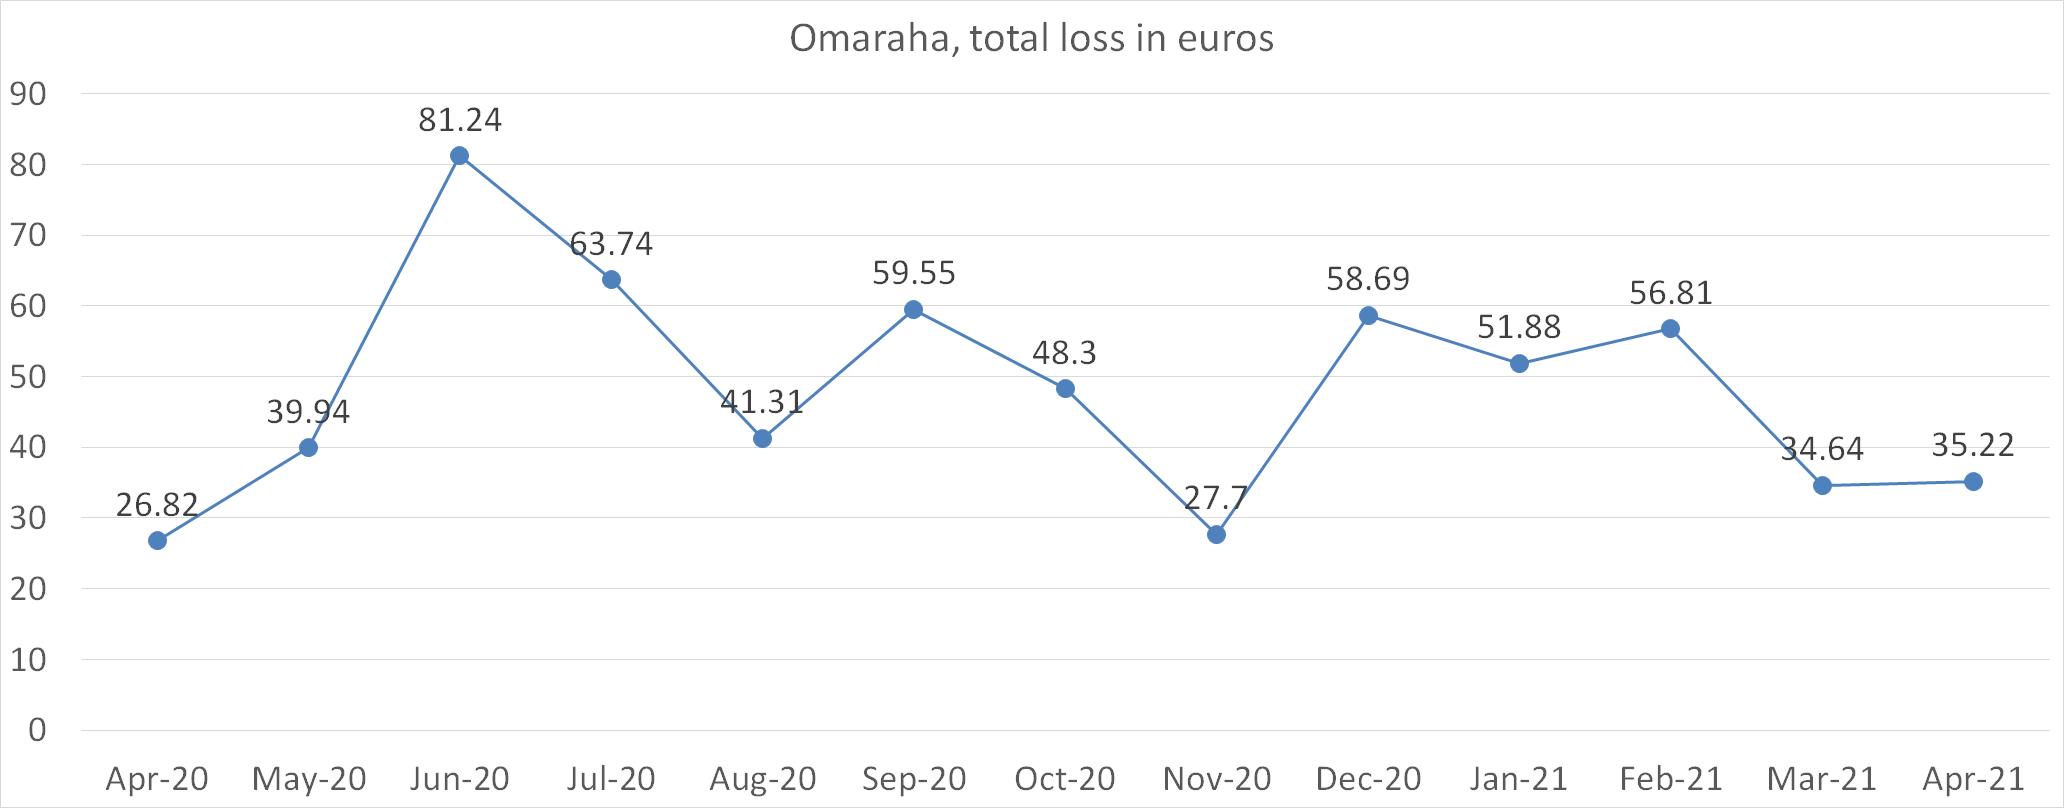 Omaraha total loss in euros april 2021